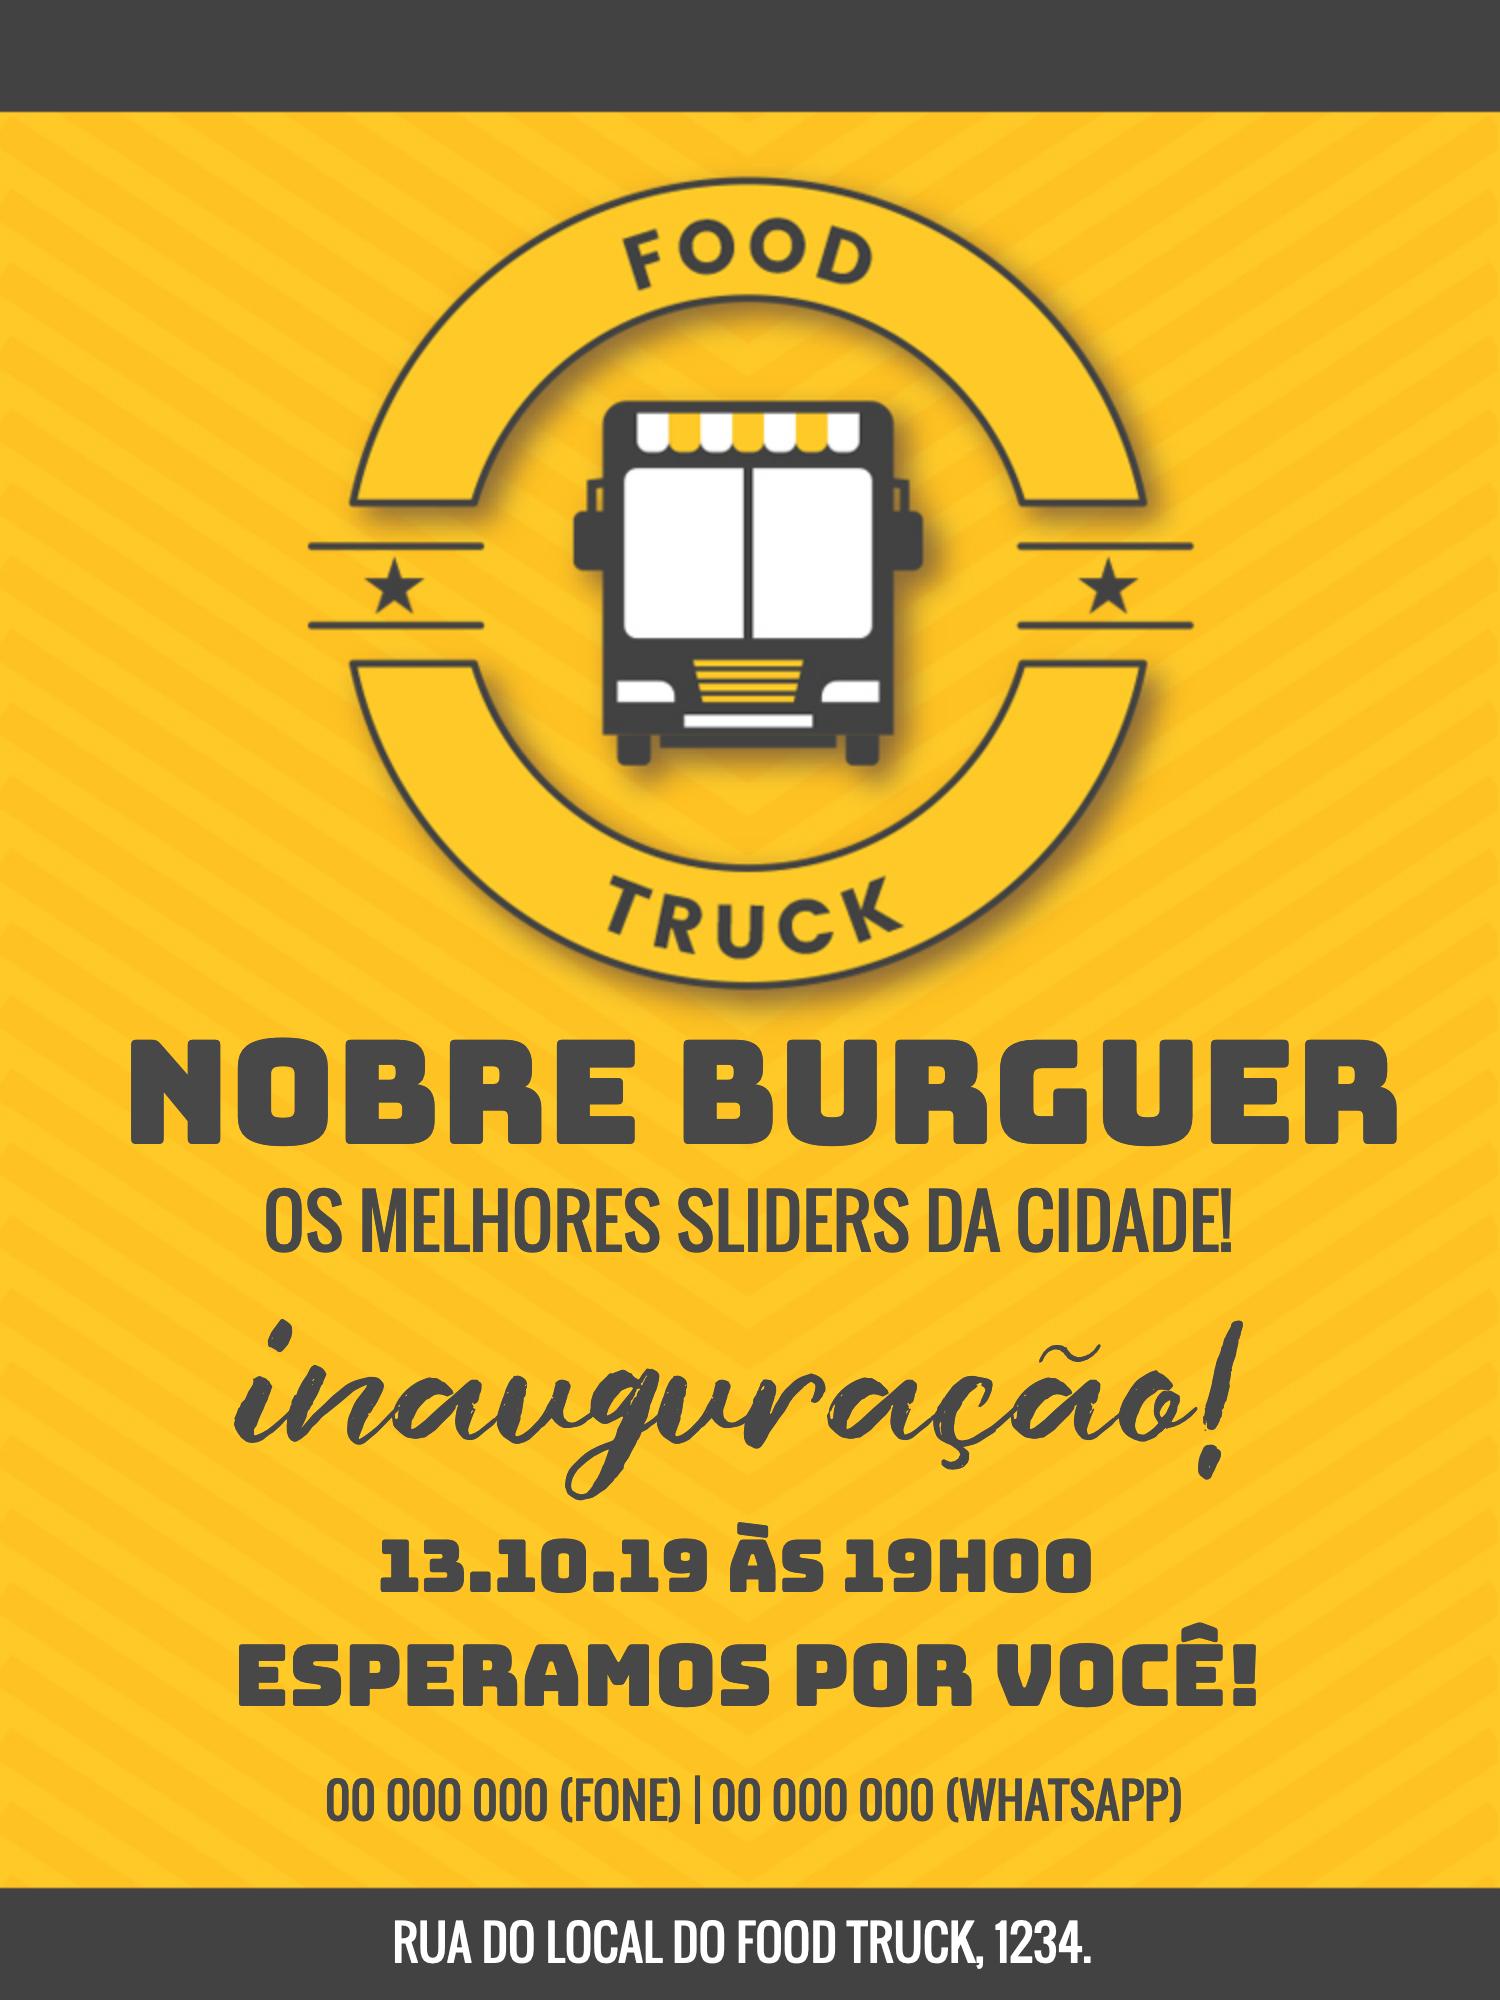 Convite Inauguração Food Truck, burguer, comércio, venda, comida, amarelo, divulgação, propaganda, comemoração, celebração, online, digital, personalizado, whatsapp